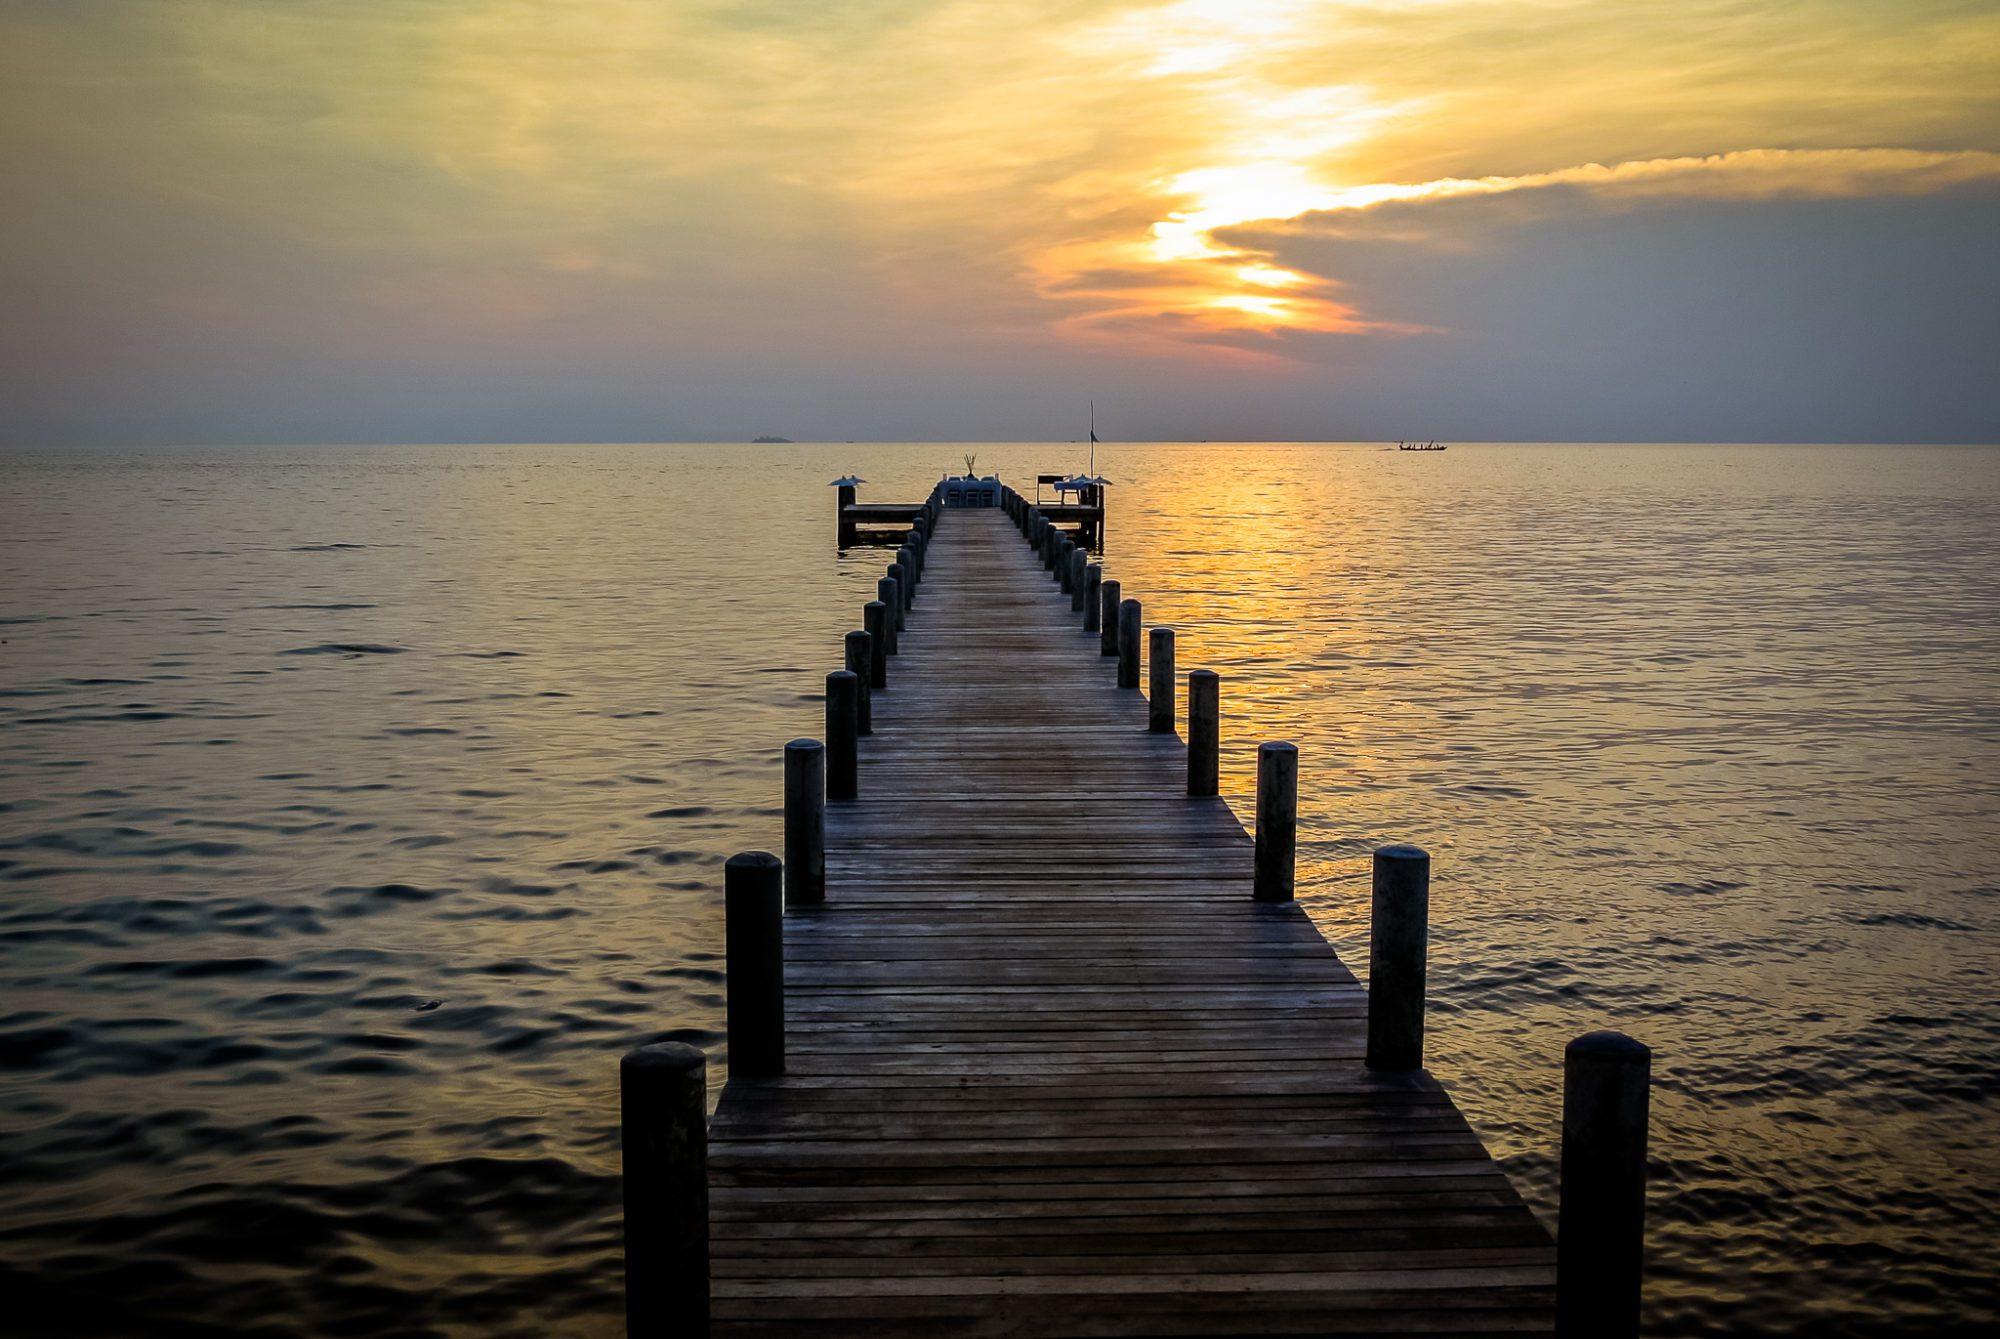 Kep - Sunset at the Sailing Club